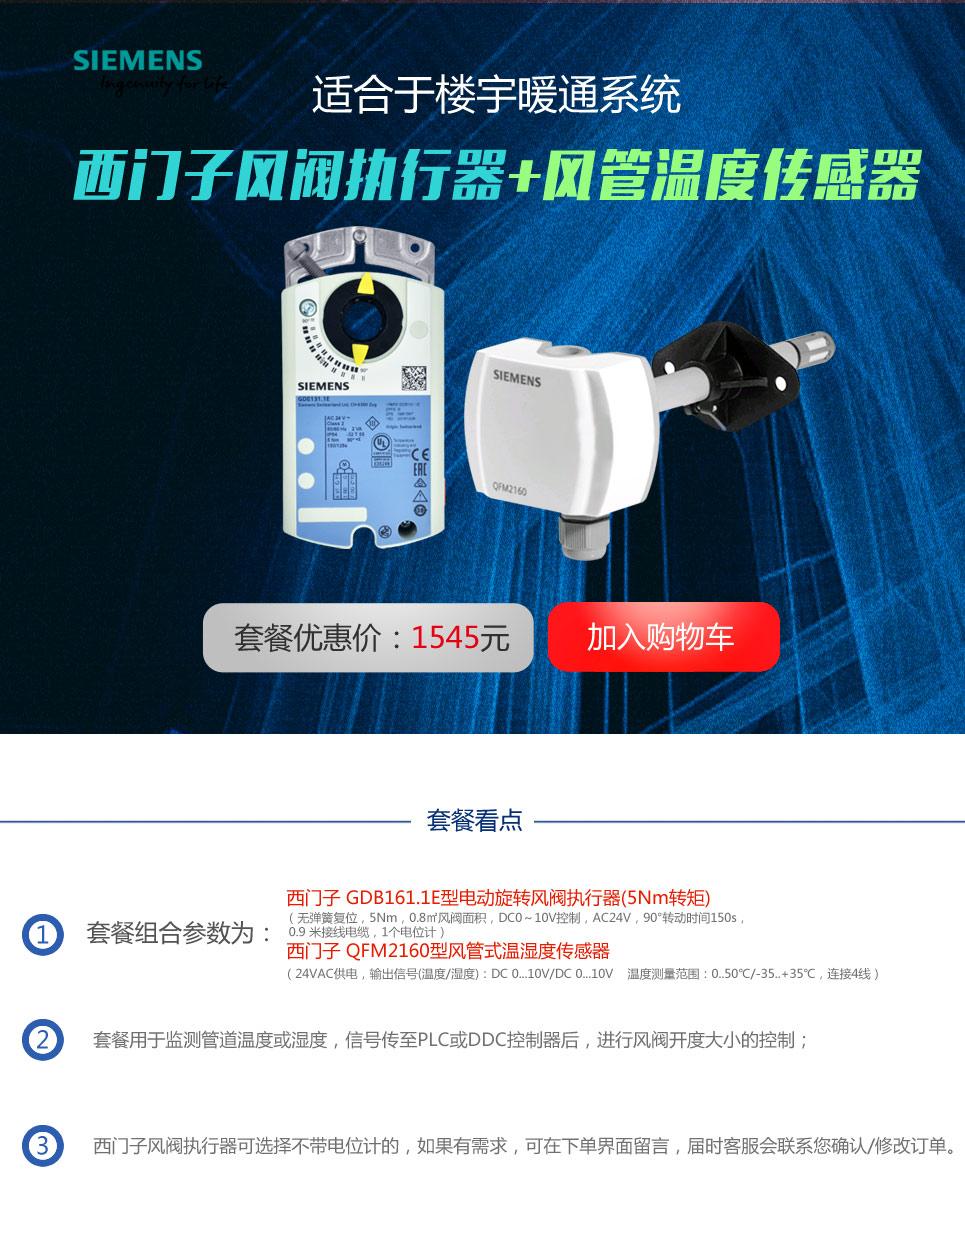 西门子风阀执行器+风管温度传感器_03.jpg